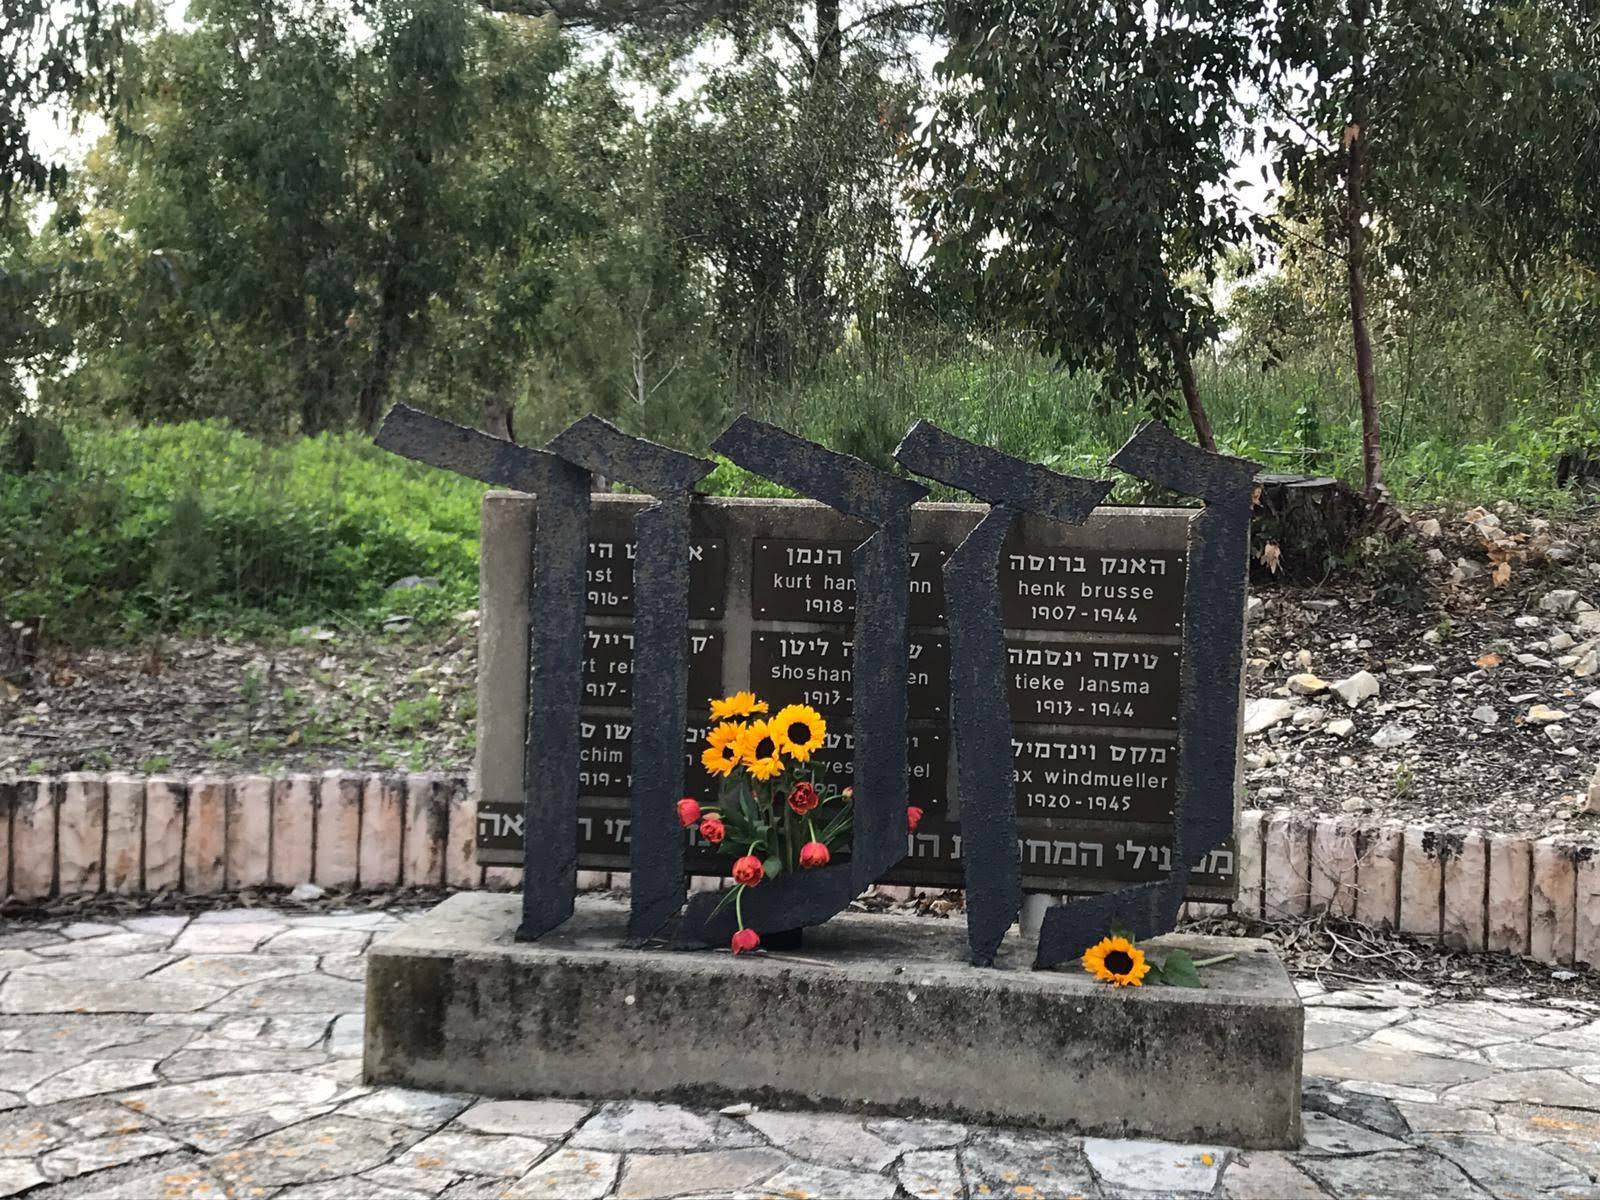 """אנדרטה לזכר תשעה מחברי מחתרת """"קבוצת ווסטרוויל"""" שנספו במלחמת העולם השניה"""